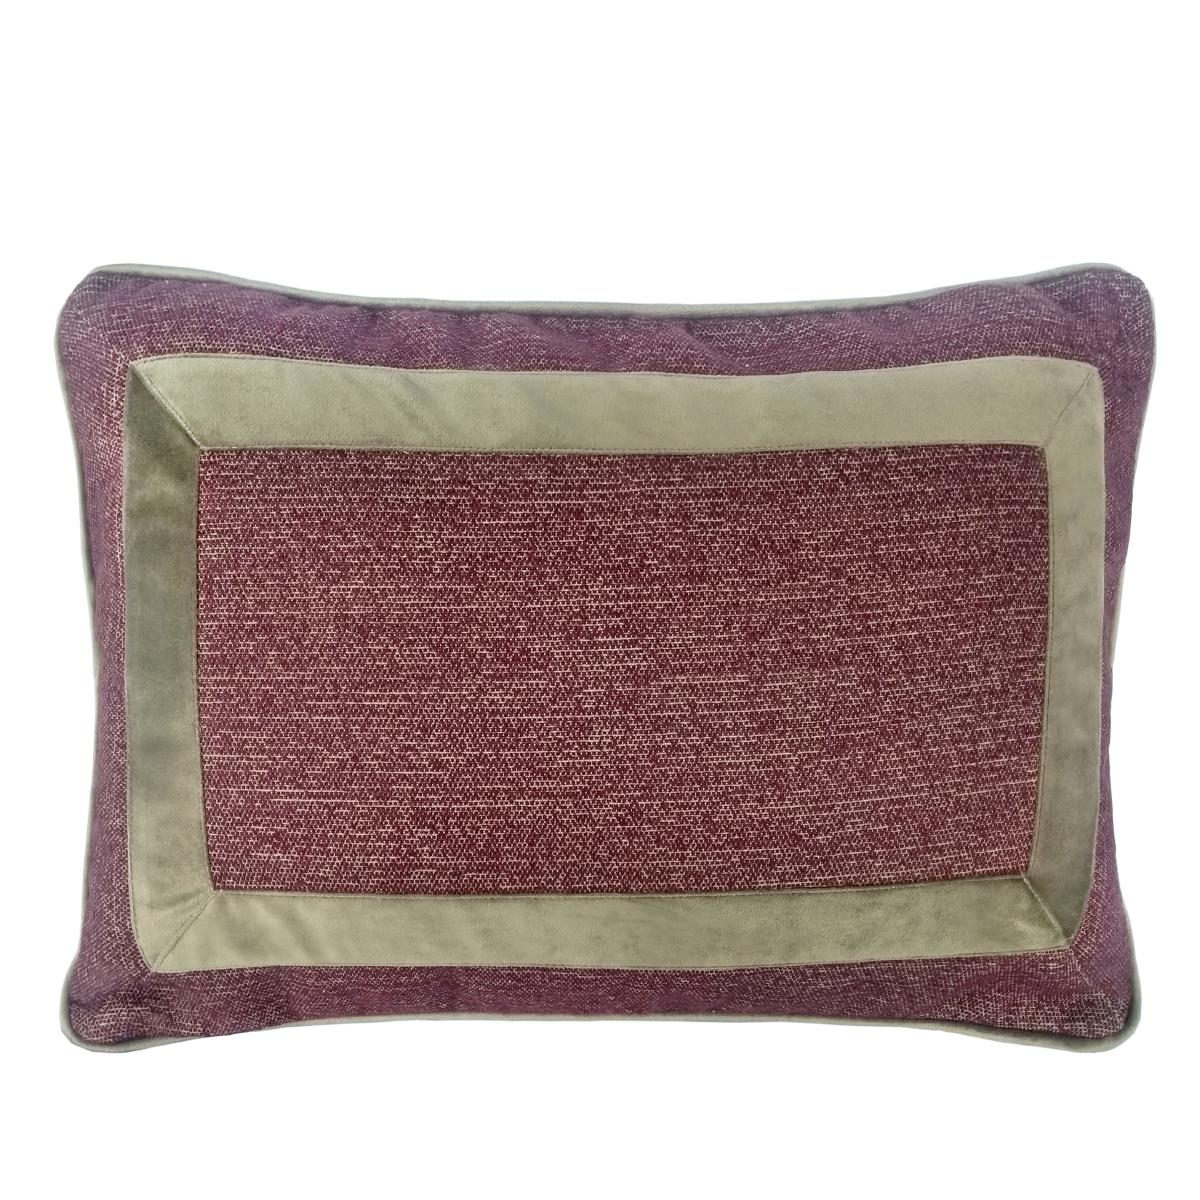 Almofada Essence Tweed e Veludo Fendi 40x60